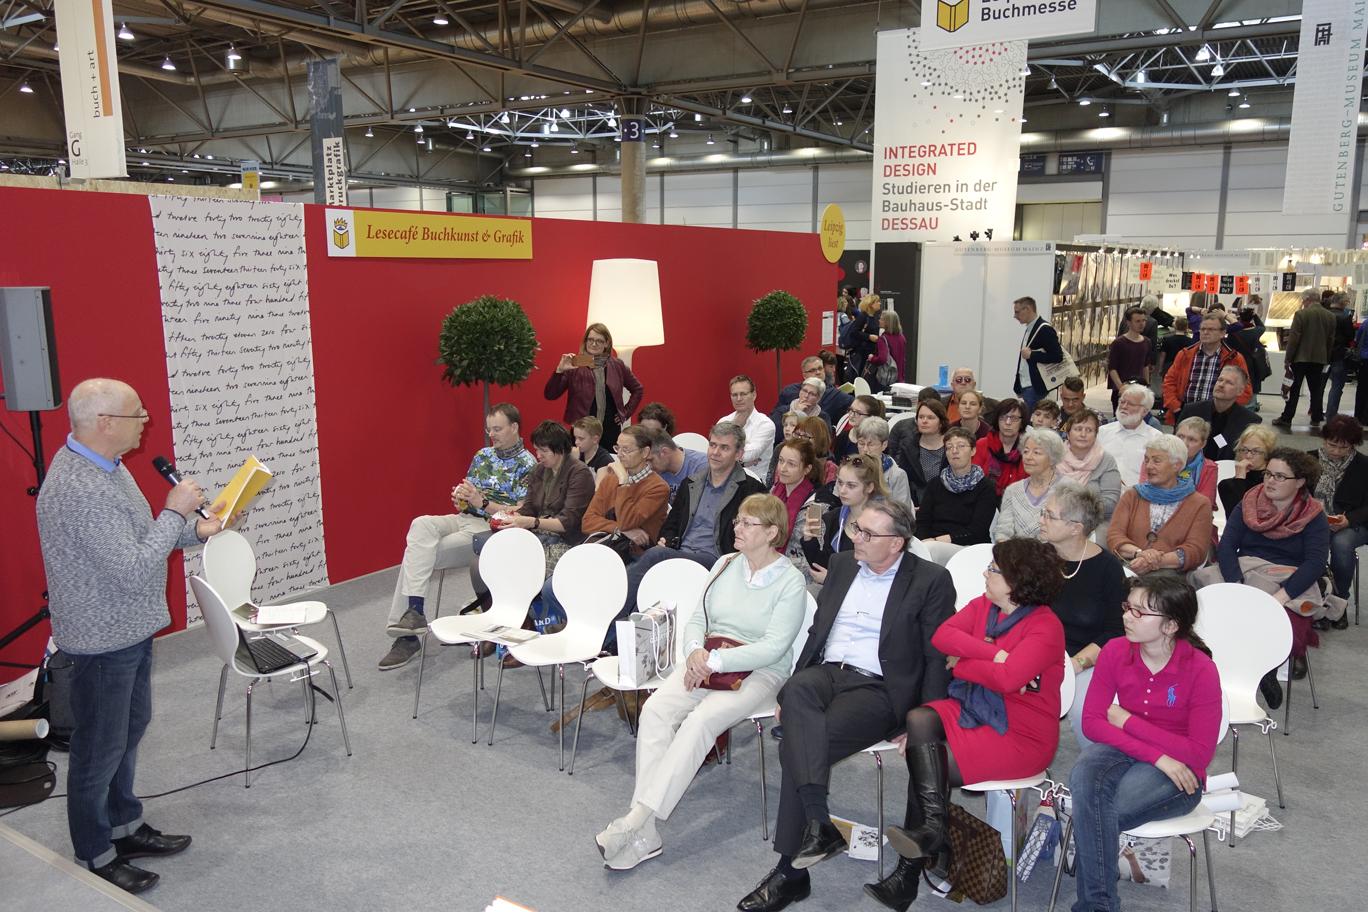 Der »Vater« der Bücherkinder, Armin Schubert, begrüßte die Besucher und stellte das Klemke-Projekt vor.